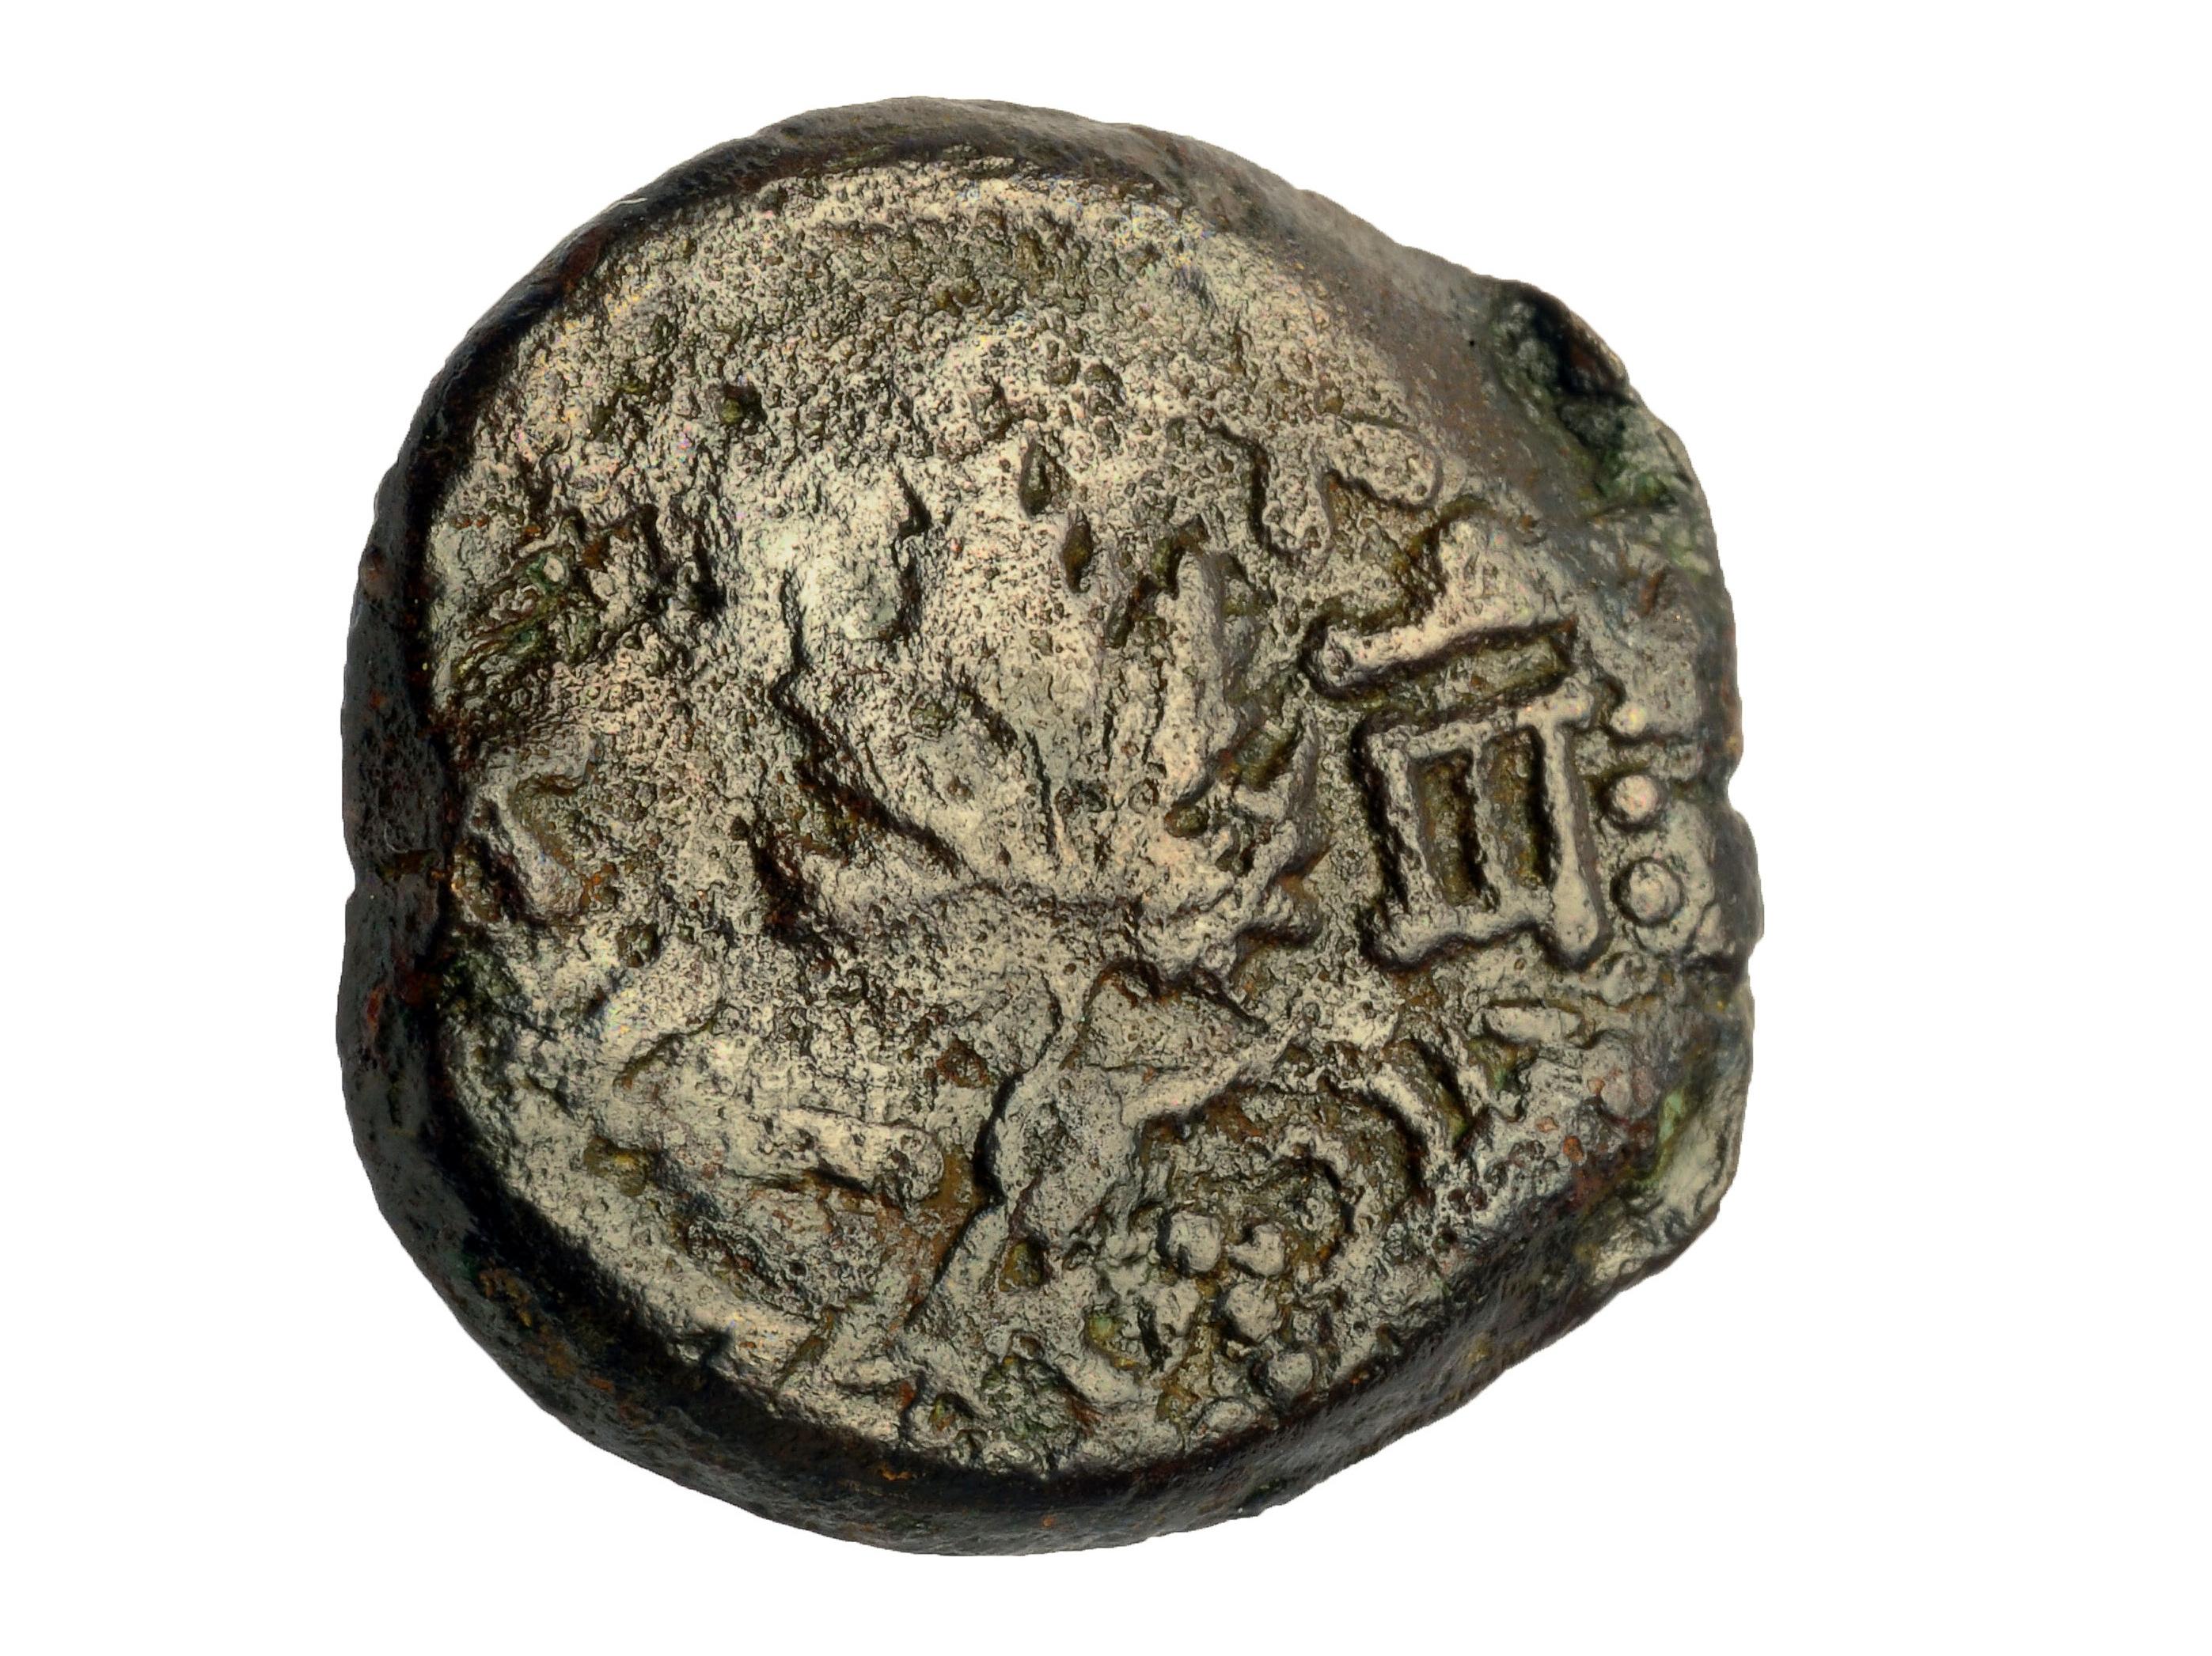 מטבע מימי המרד הגדול ברומאים שנמצא בשכבת החורבן שכיסתה את הרחוב. צילום: קלרה עמית